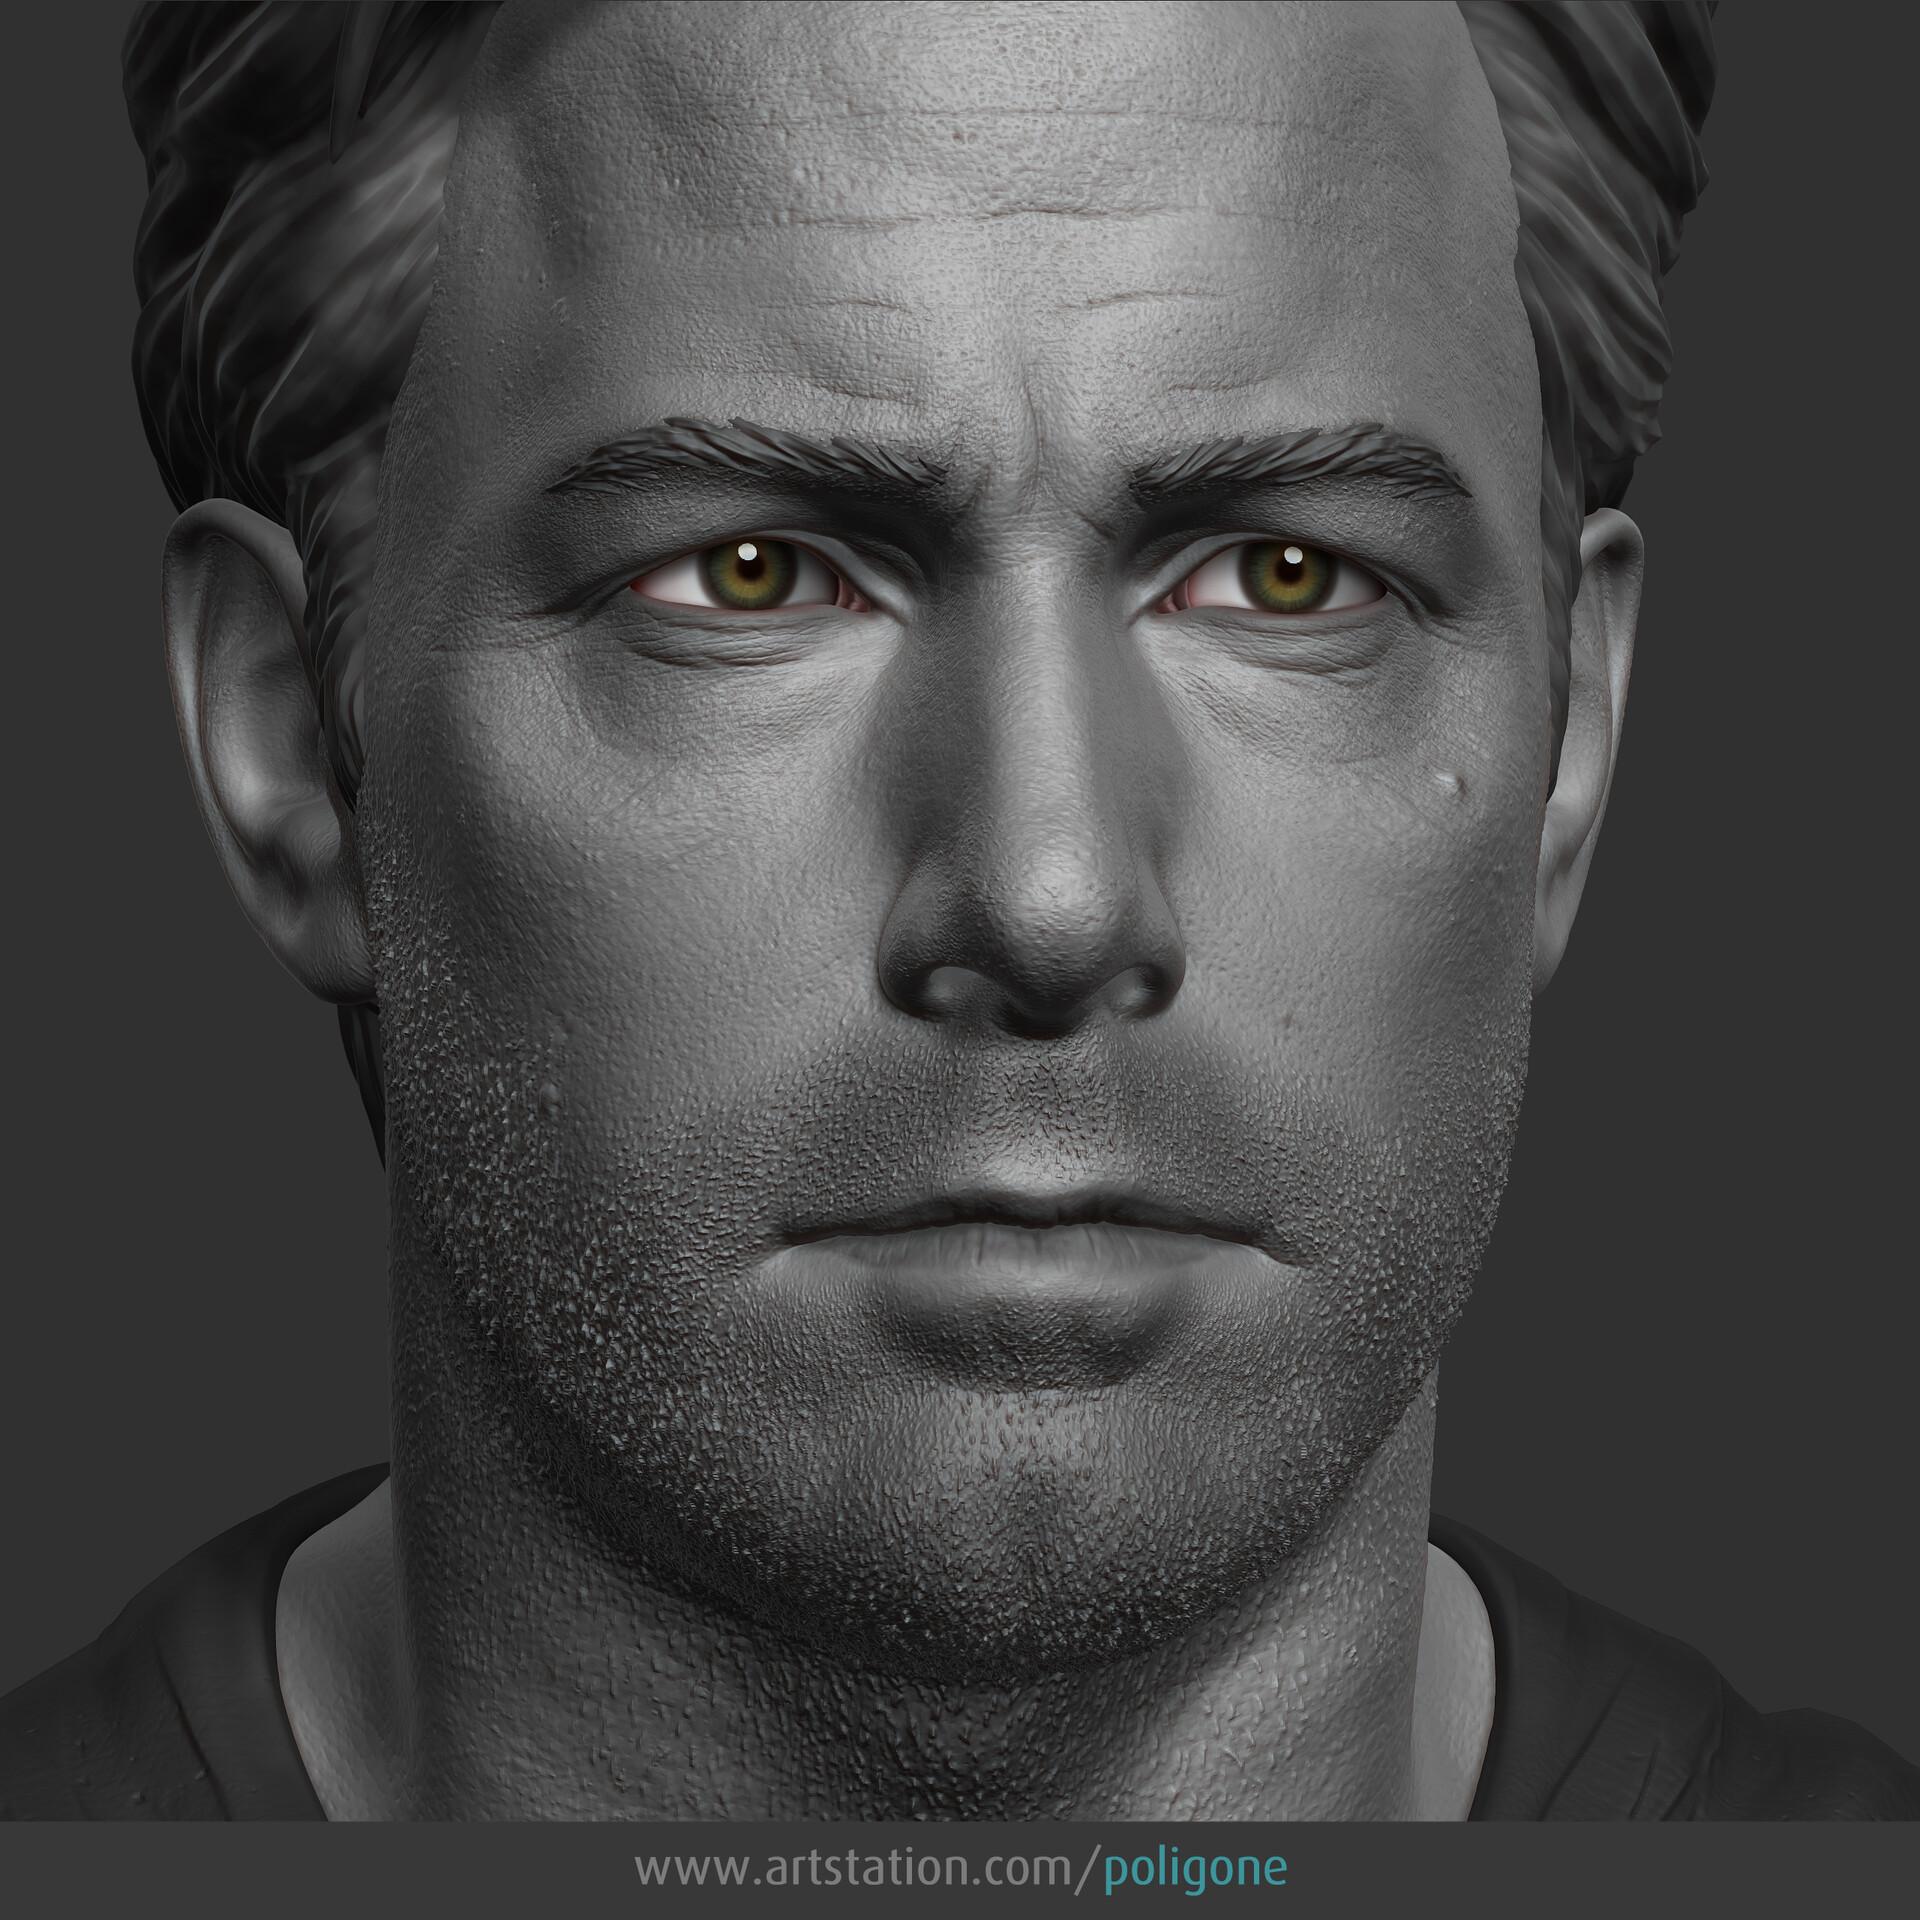 Ben Affleck likeness